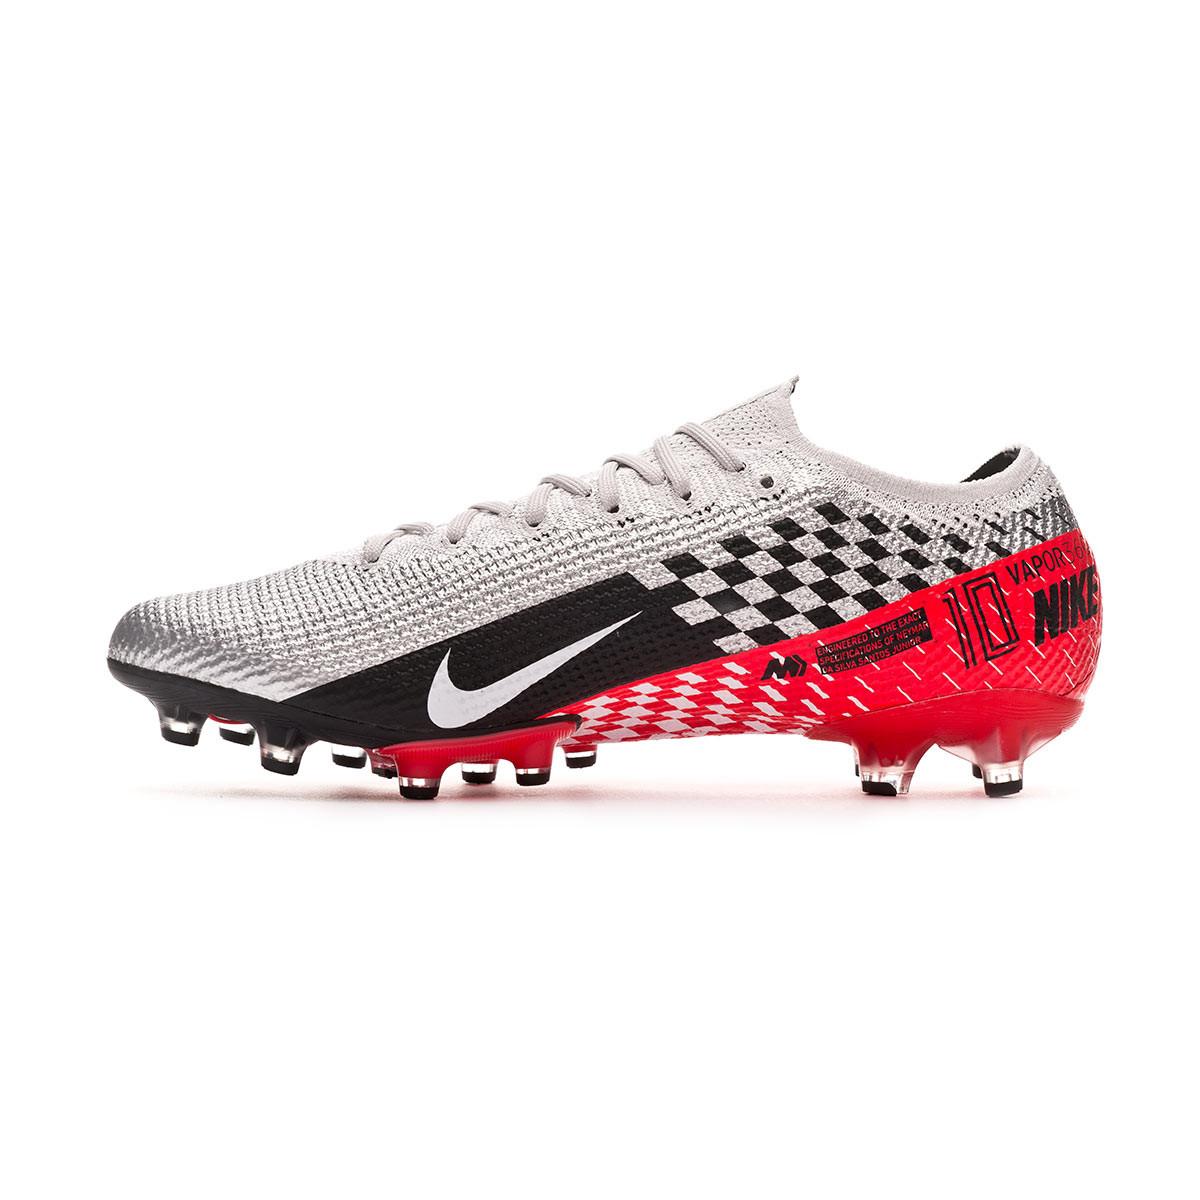 Scarpe Nike Mercurial Vapor XIII Pro AG Pro Neymar Jr